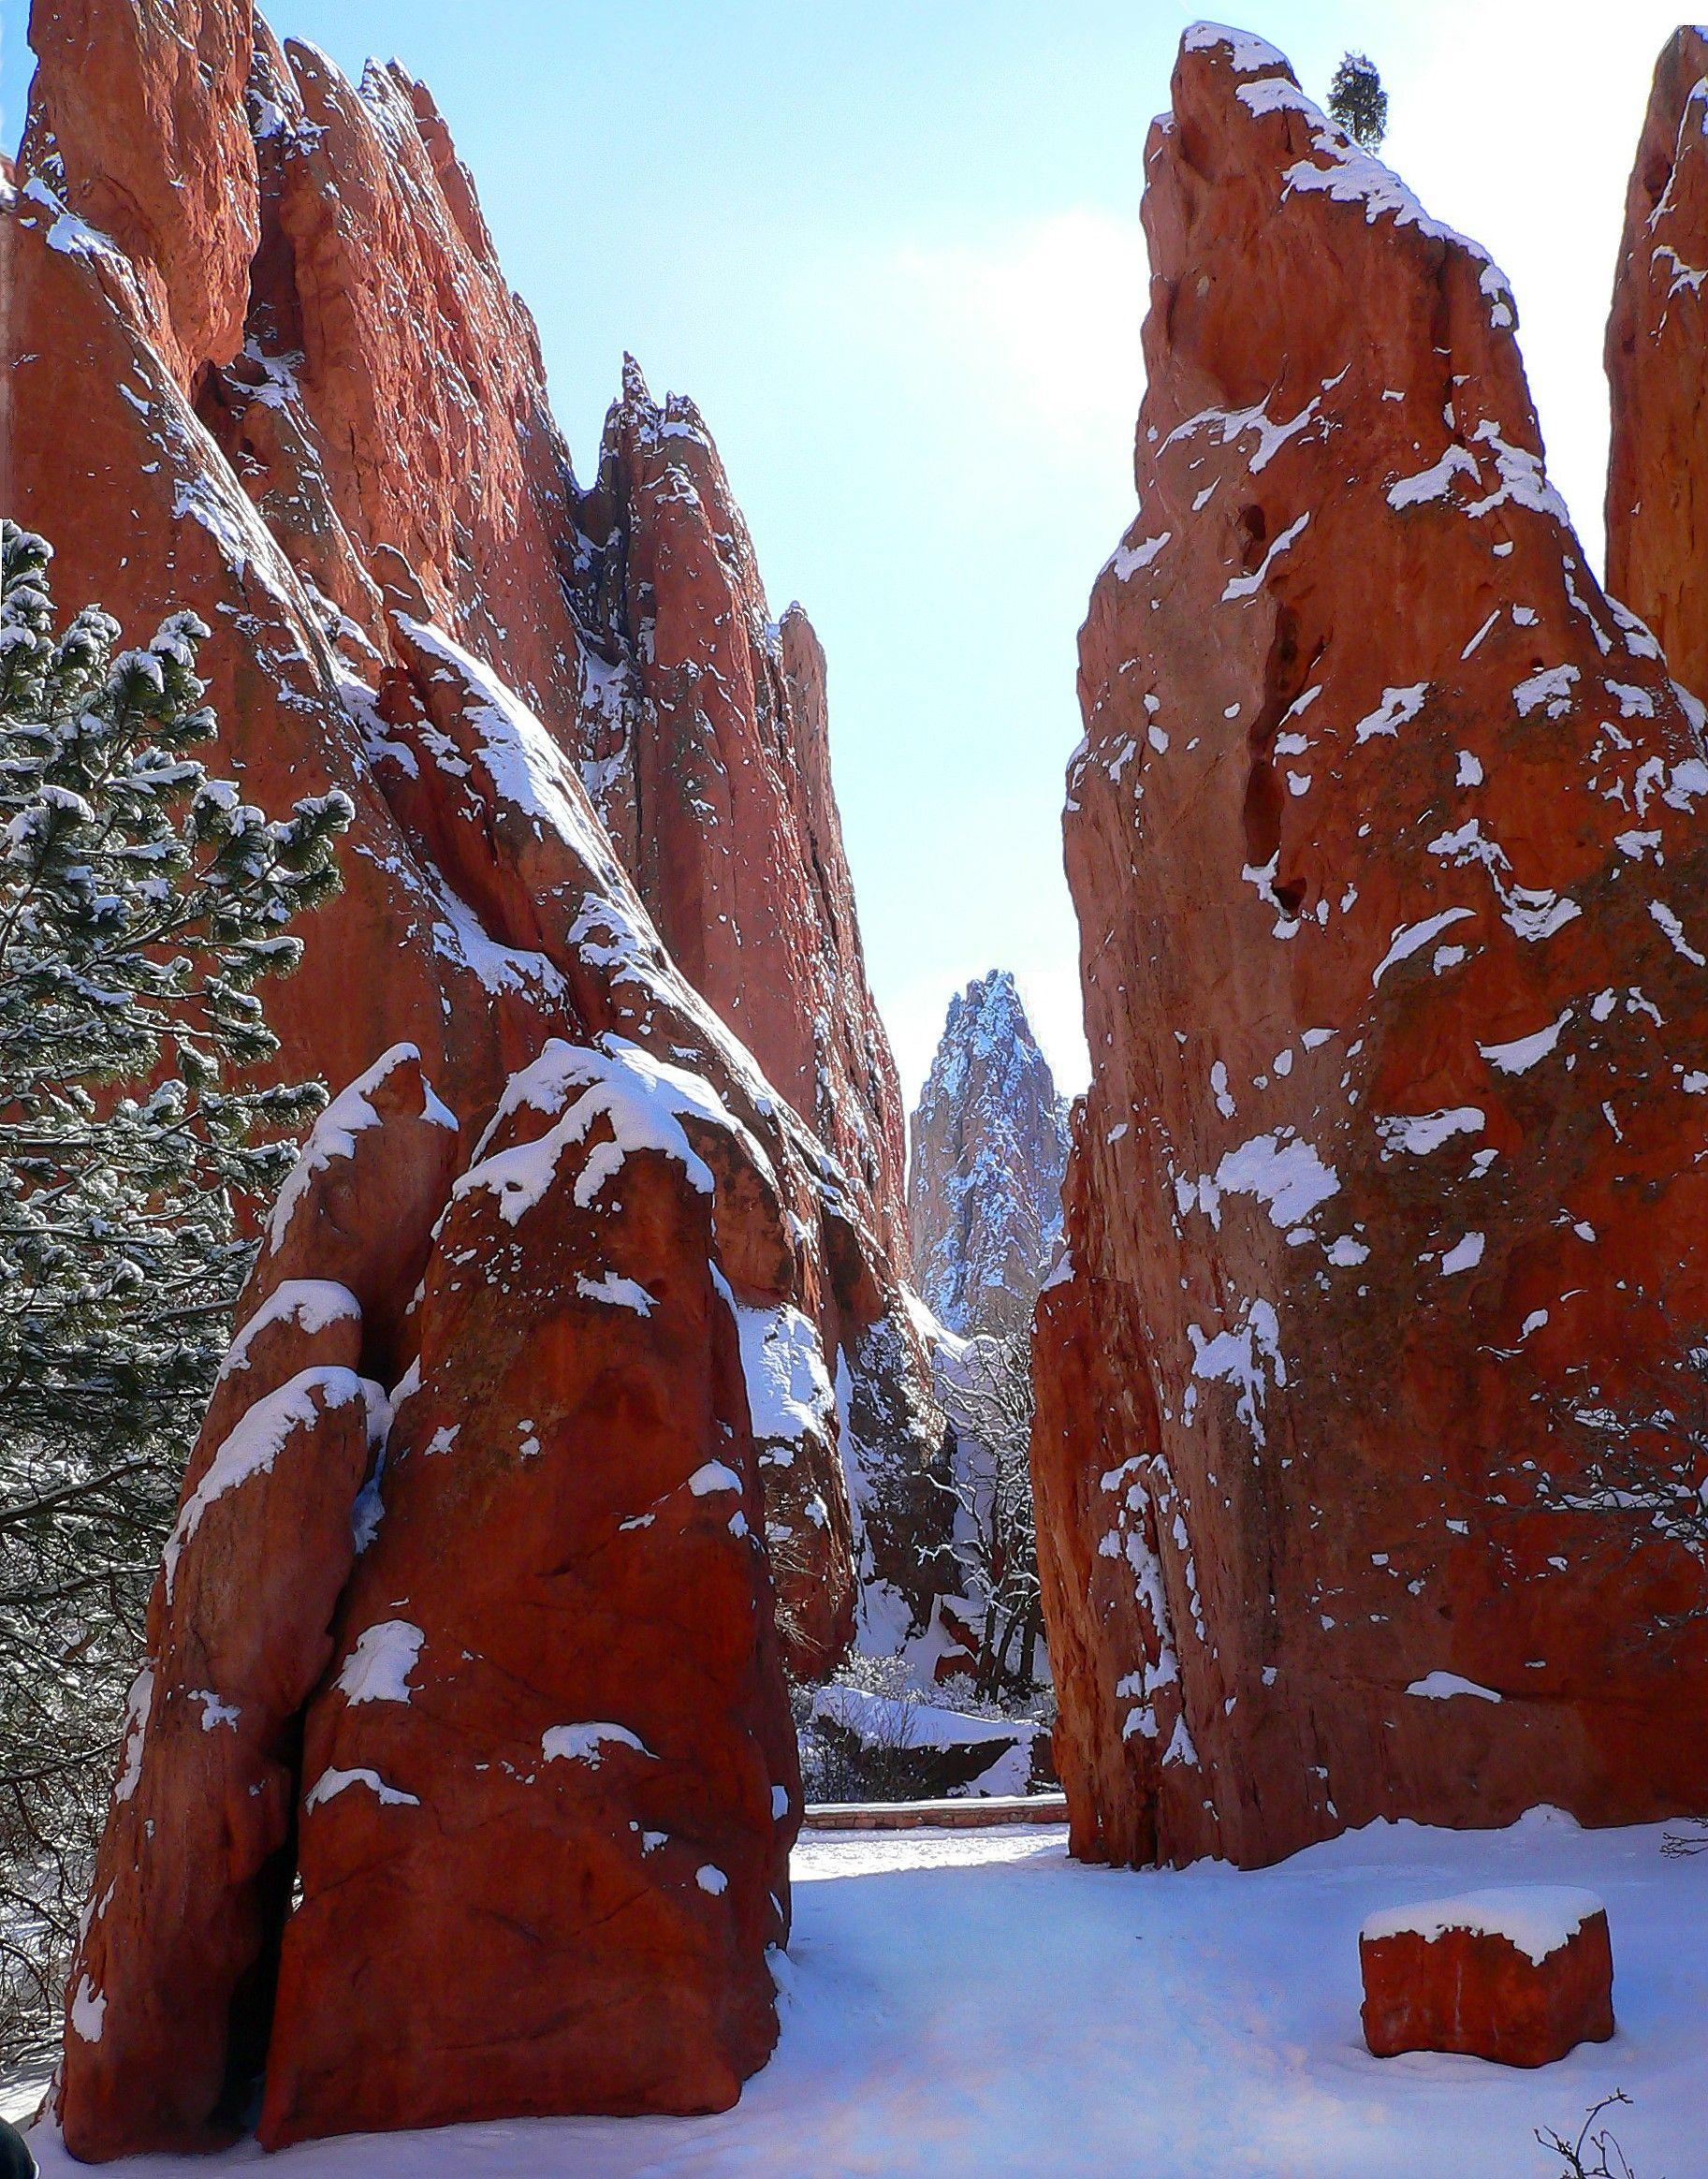 Snowy Monoliths Garden Of The Gods Colorado Springs Co